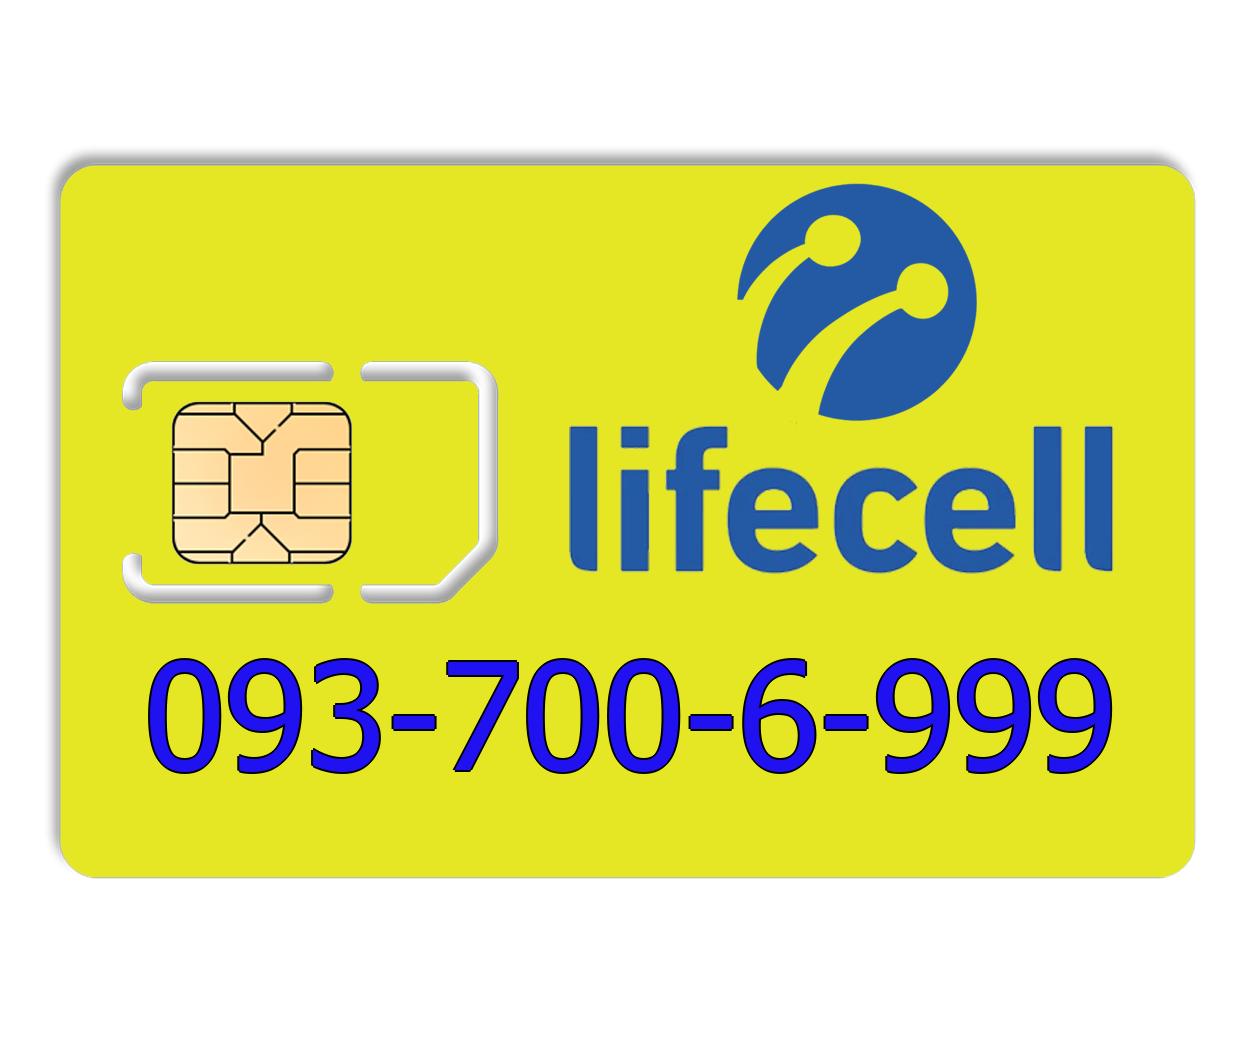 Красивый номер lifecell 093-700-6-999